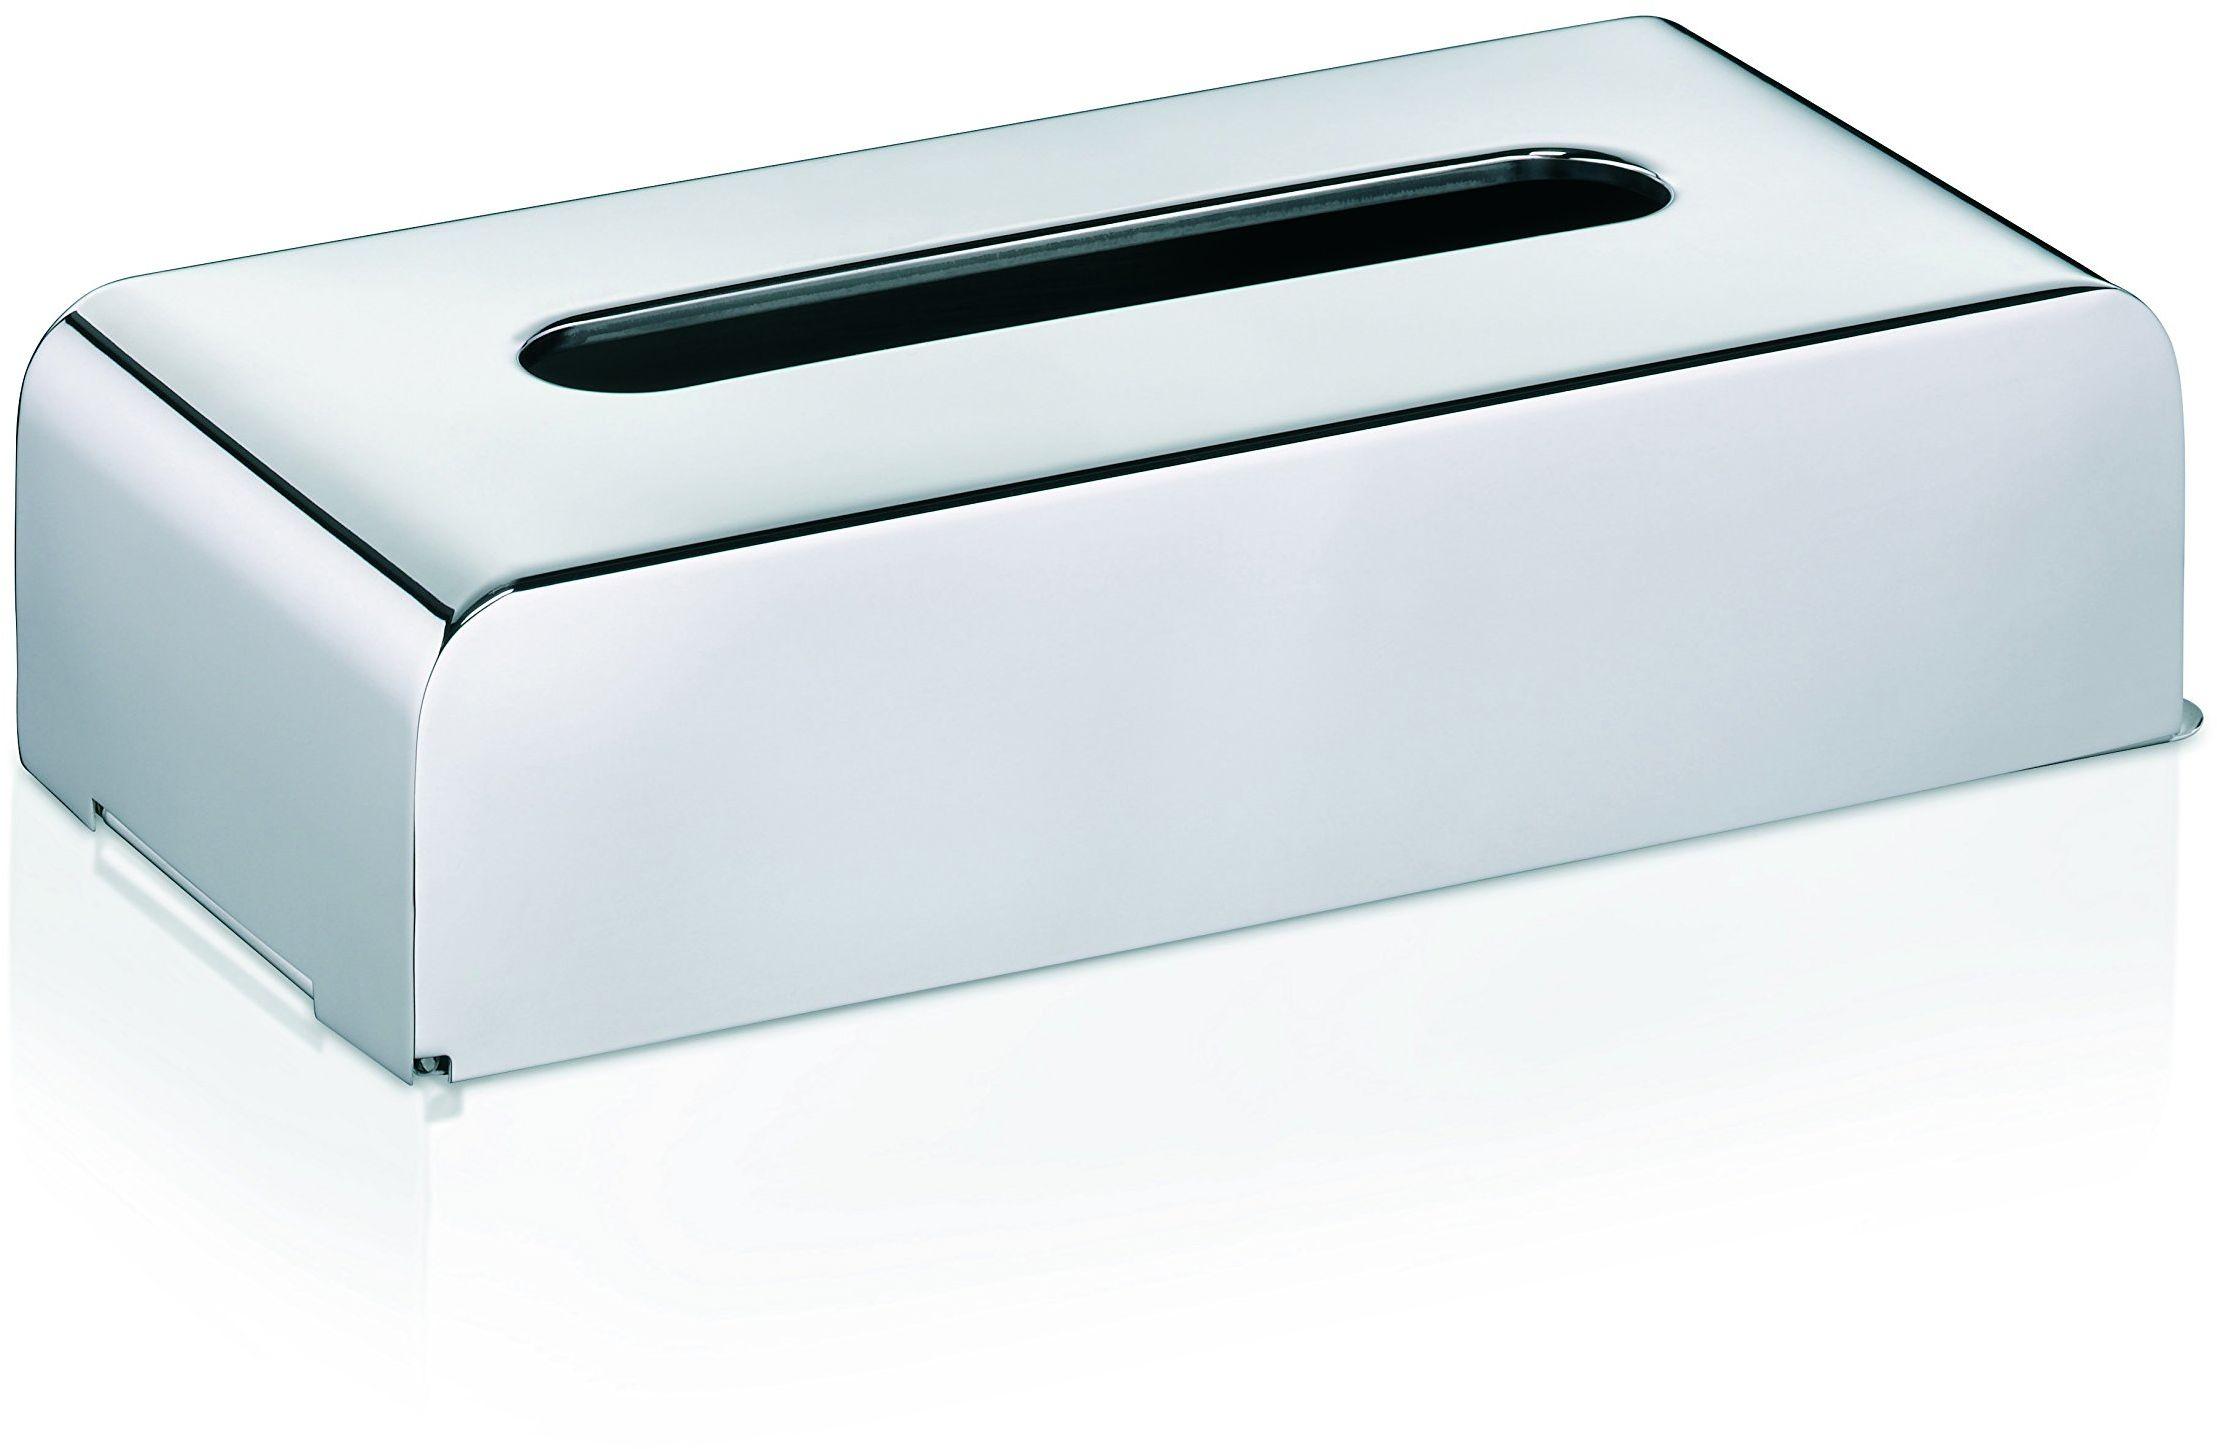 KELA 22860 pudełko na chusteczki kosmetyczne z uchwytem ściennym, 27 x 12,5 x 7 cm, stal szlachetna 18/10, kolor srebrny błyszczący